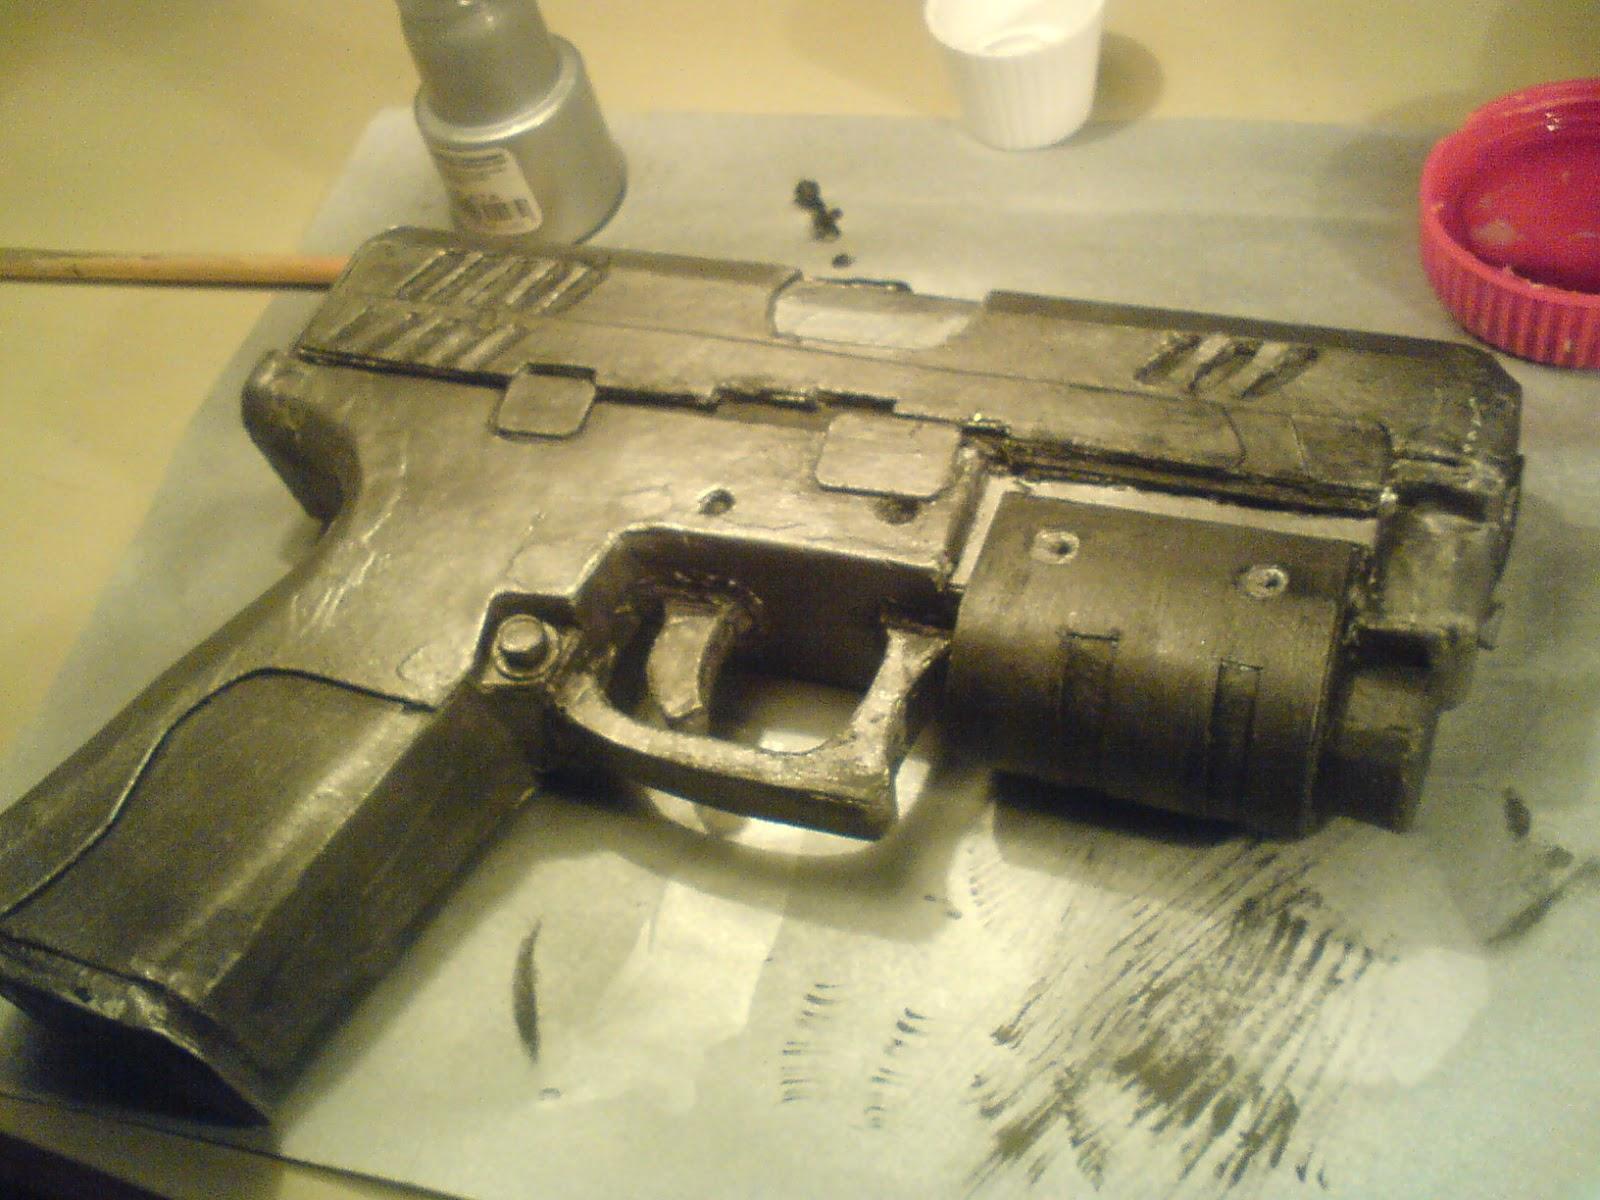 Pistola Blacktail - Resident Evil DSC04494